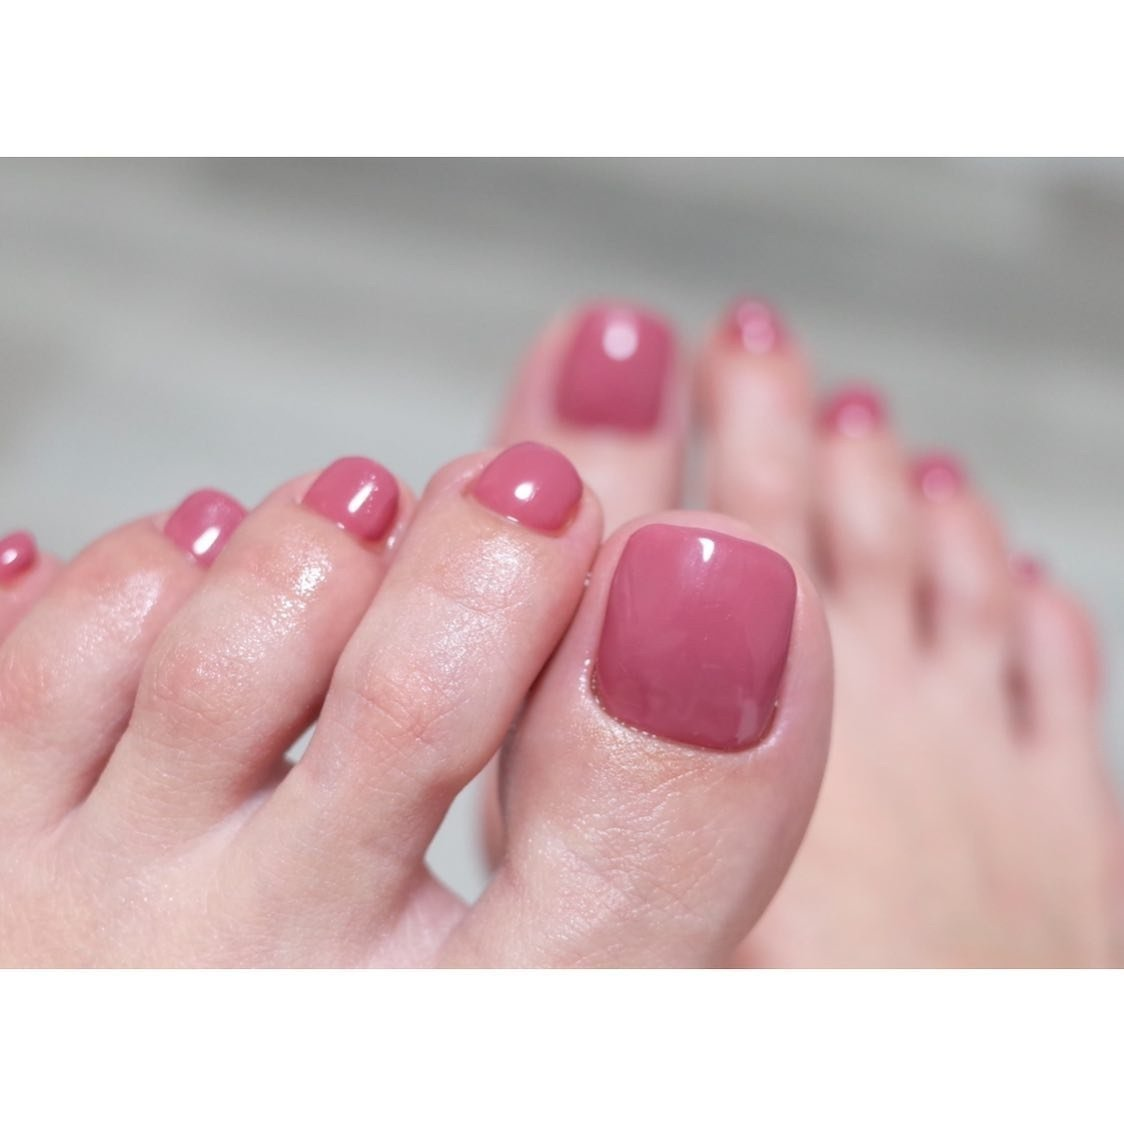 ・ footnail 魅せるネイルを♡  足も手と変わりなく美しく仕上げます ・ ・ nail salon etoile ☎︎0594-32-0165 桑名市陽だまりの丘 private salon お気軽にお問い合わせください♡ ・ ×になっていてもご予約可能な時もあるので お電話でお問い合わせ下さい。  エアブラシセミナー 【mfc./MISNGA/エアブラシdeグラデーション/エアブラシdeアクセサリー 】 美フォルムワンカラーセミナー n.etoile.seminar@gmail.com 随時受付中ですのでお気軽にお問い合わせ下さい。  #ABGEL  #ABconcierge  #footnail #フットネイル #深爪育成  #爪育成 #gelnail  #naildesign  #nailstagram  #美甲 #ネイルデザイン #ジェルネイル  #ネイル  #桑名市ネイルサロン  #네일 #젤네일 #桑名ネイル #四日市ネイルサロン  #2019秋ネイル #2019冬ネイル #like4like #おしゃれさんと繋がりたい #etoile #ネイルブック